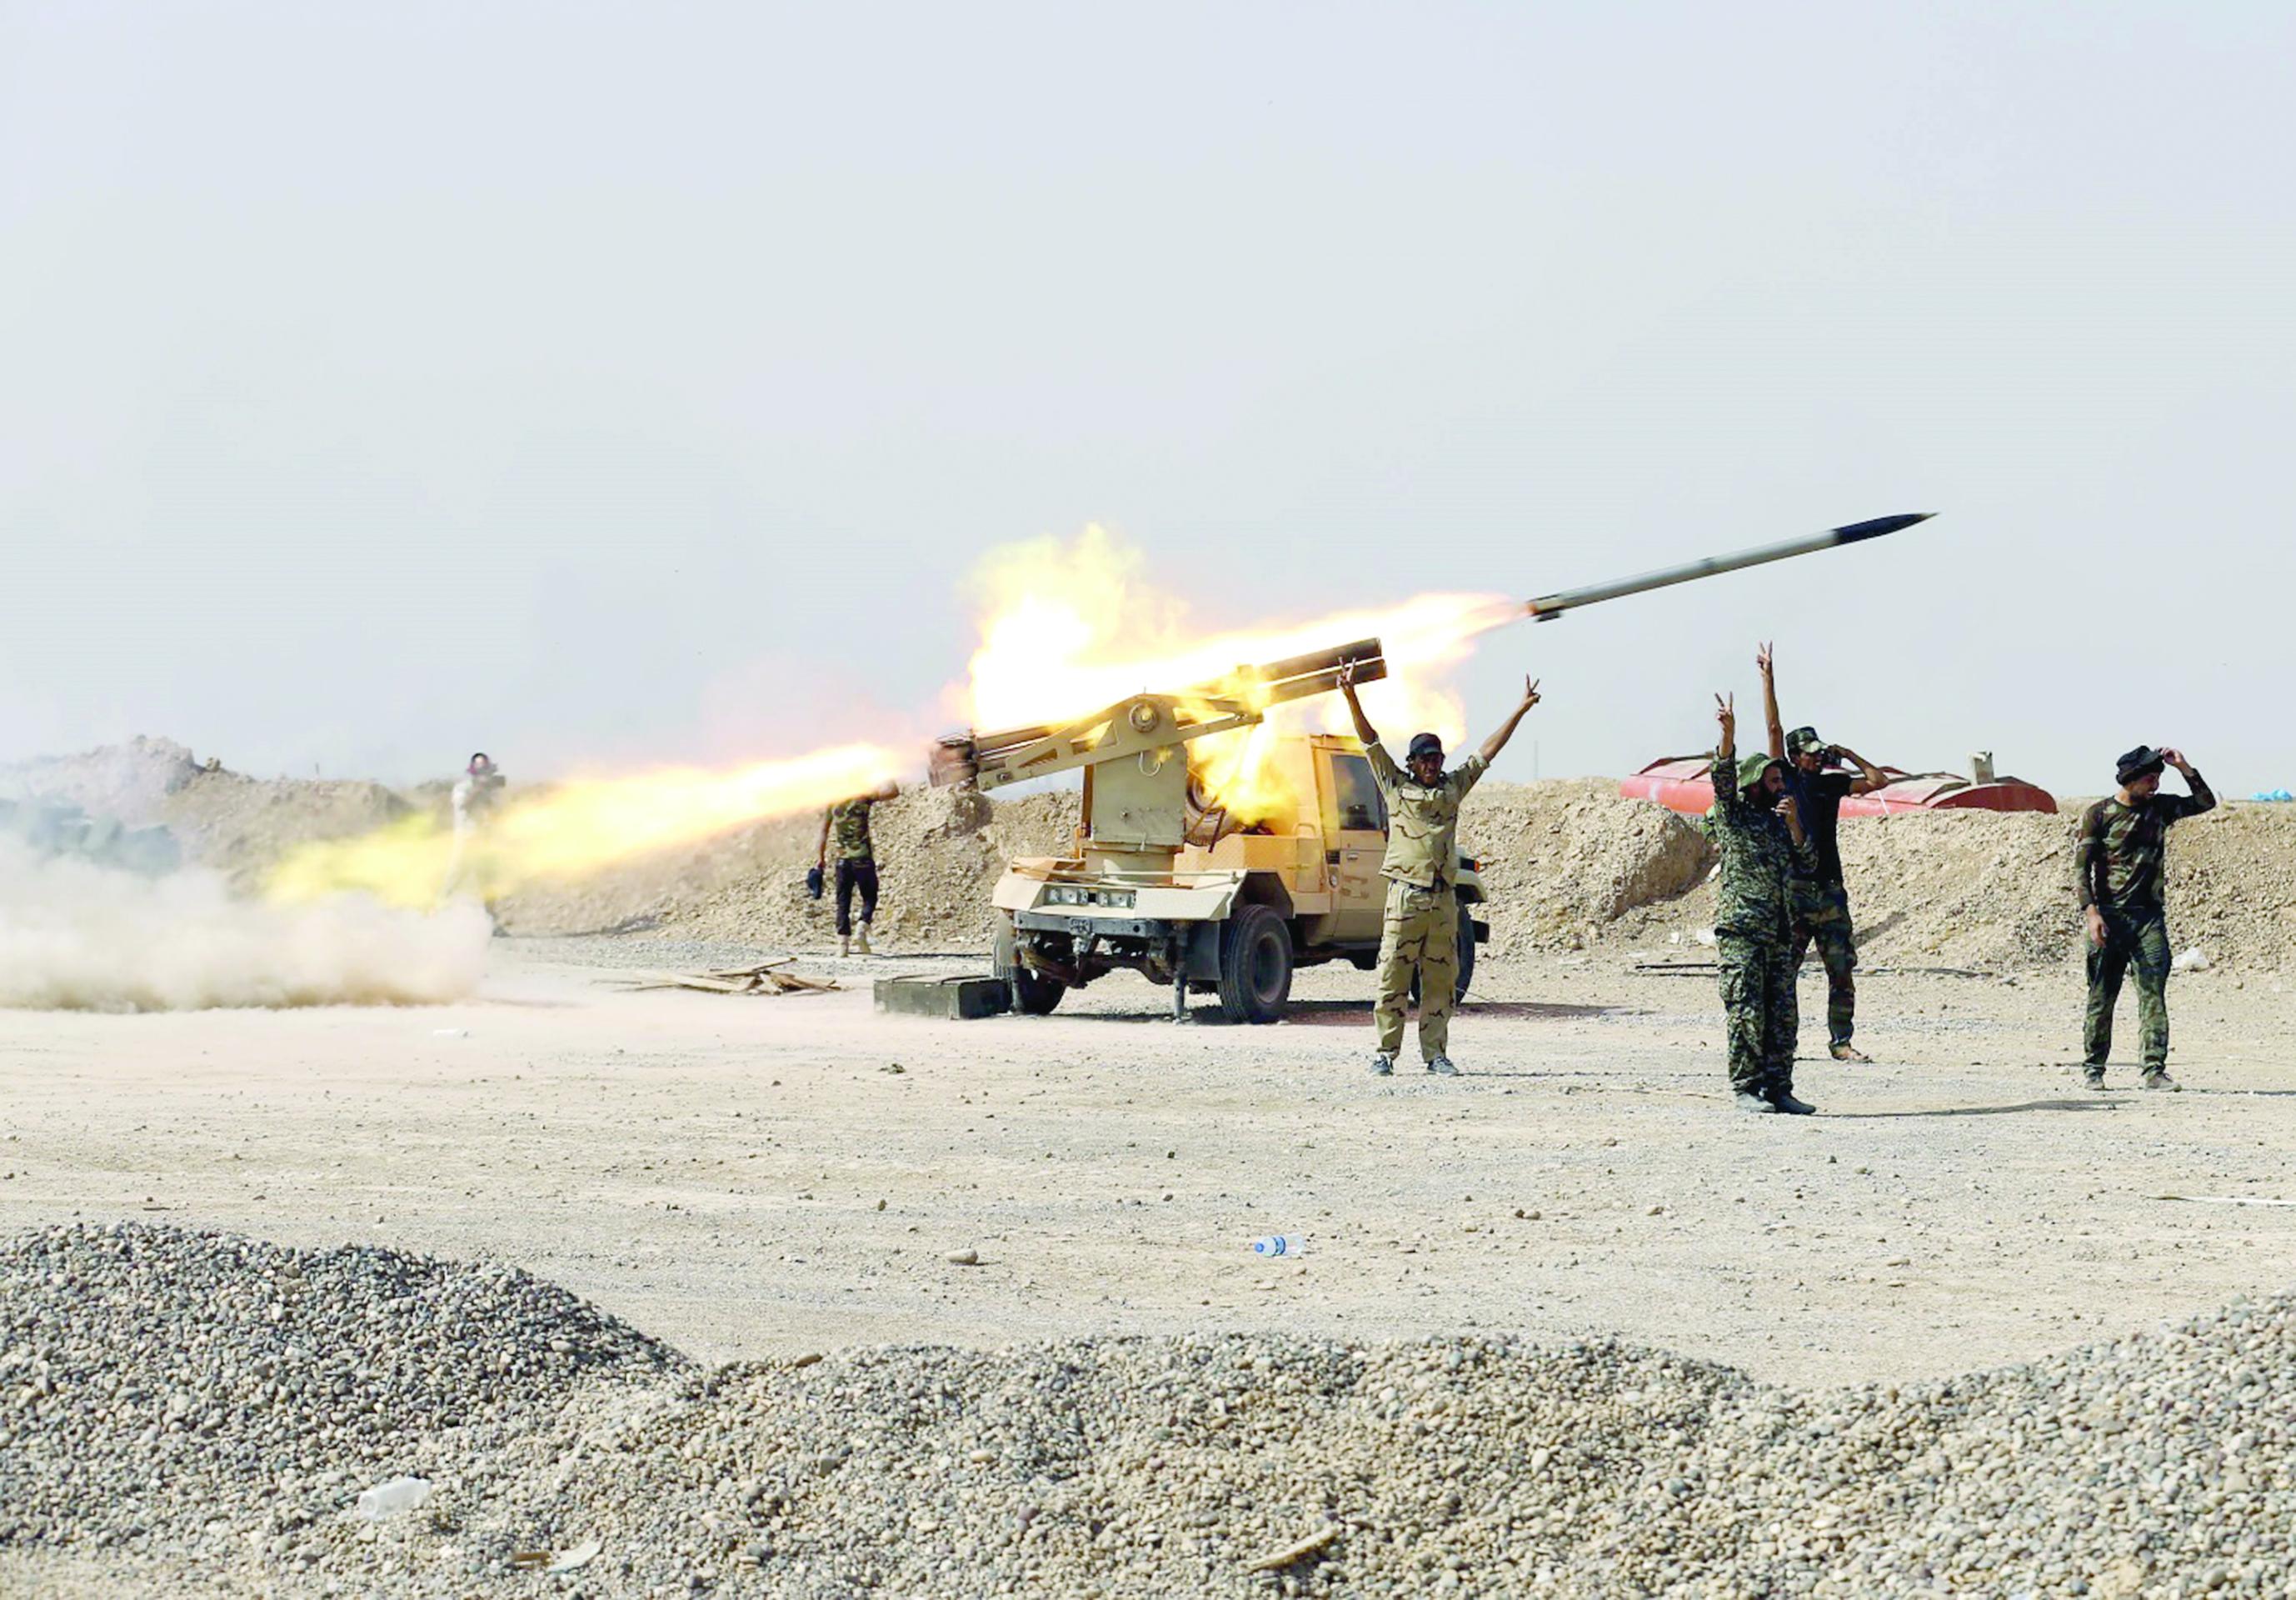 تزايد عدد المتطوعين الغربيين لقتال داعش